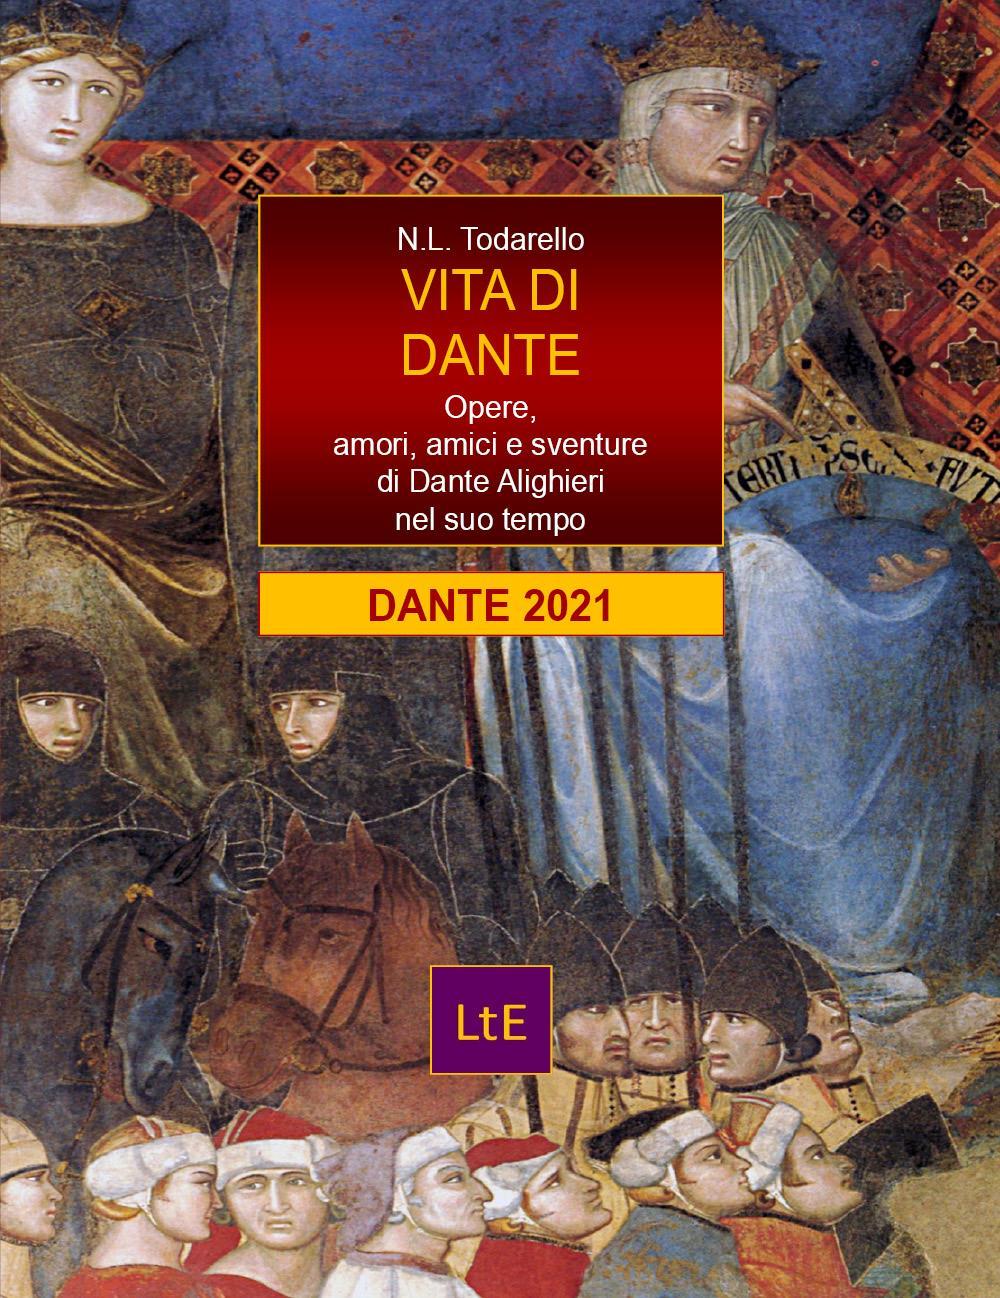 Vita di Dante. Opere, amori, amici e sventure di Dante Alighieri nel suo tempo